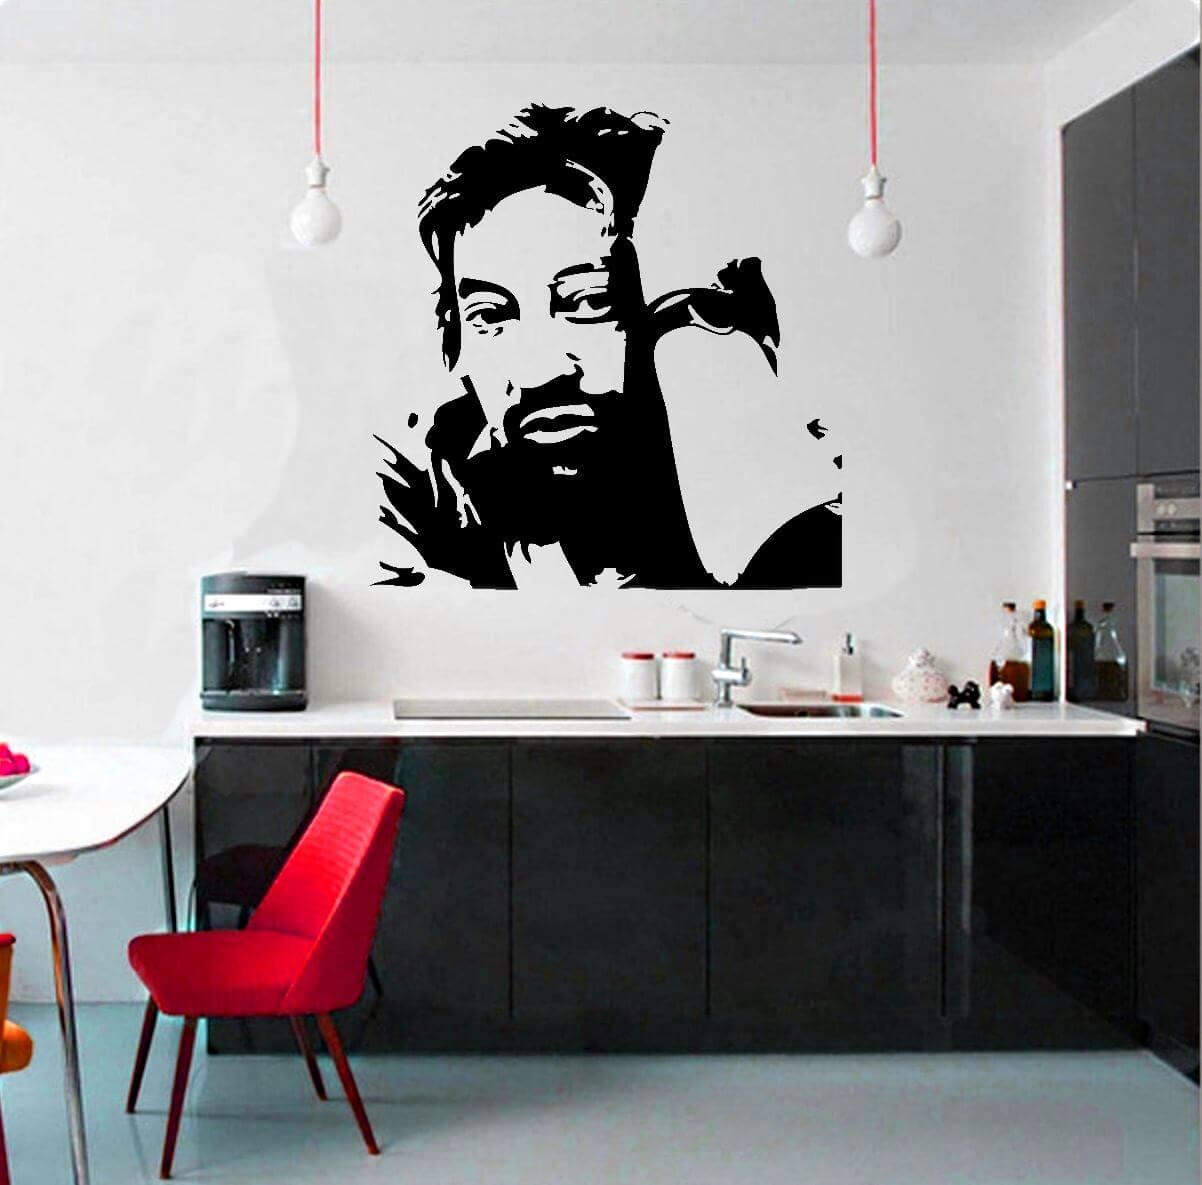 achater-pochoir-mural-personnalise.jpg